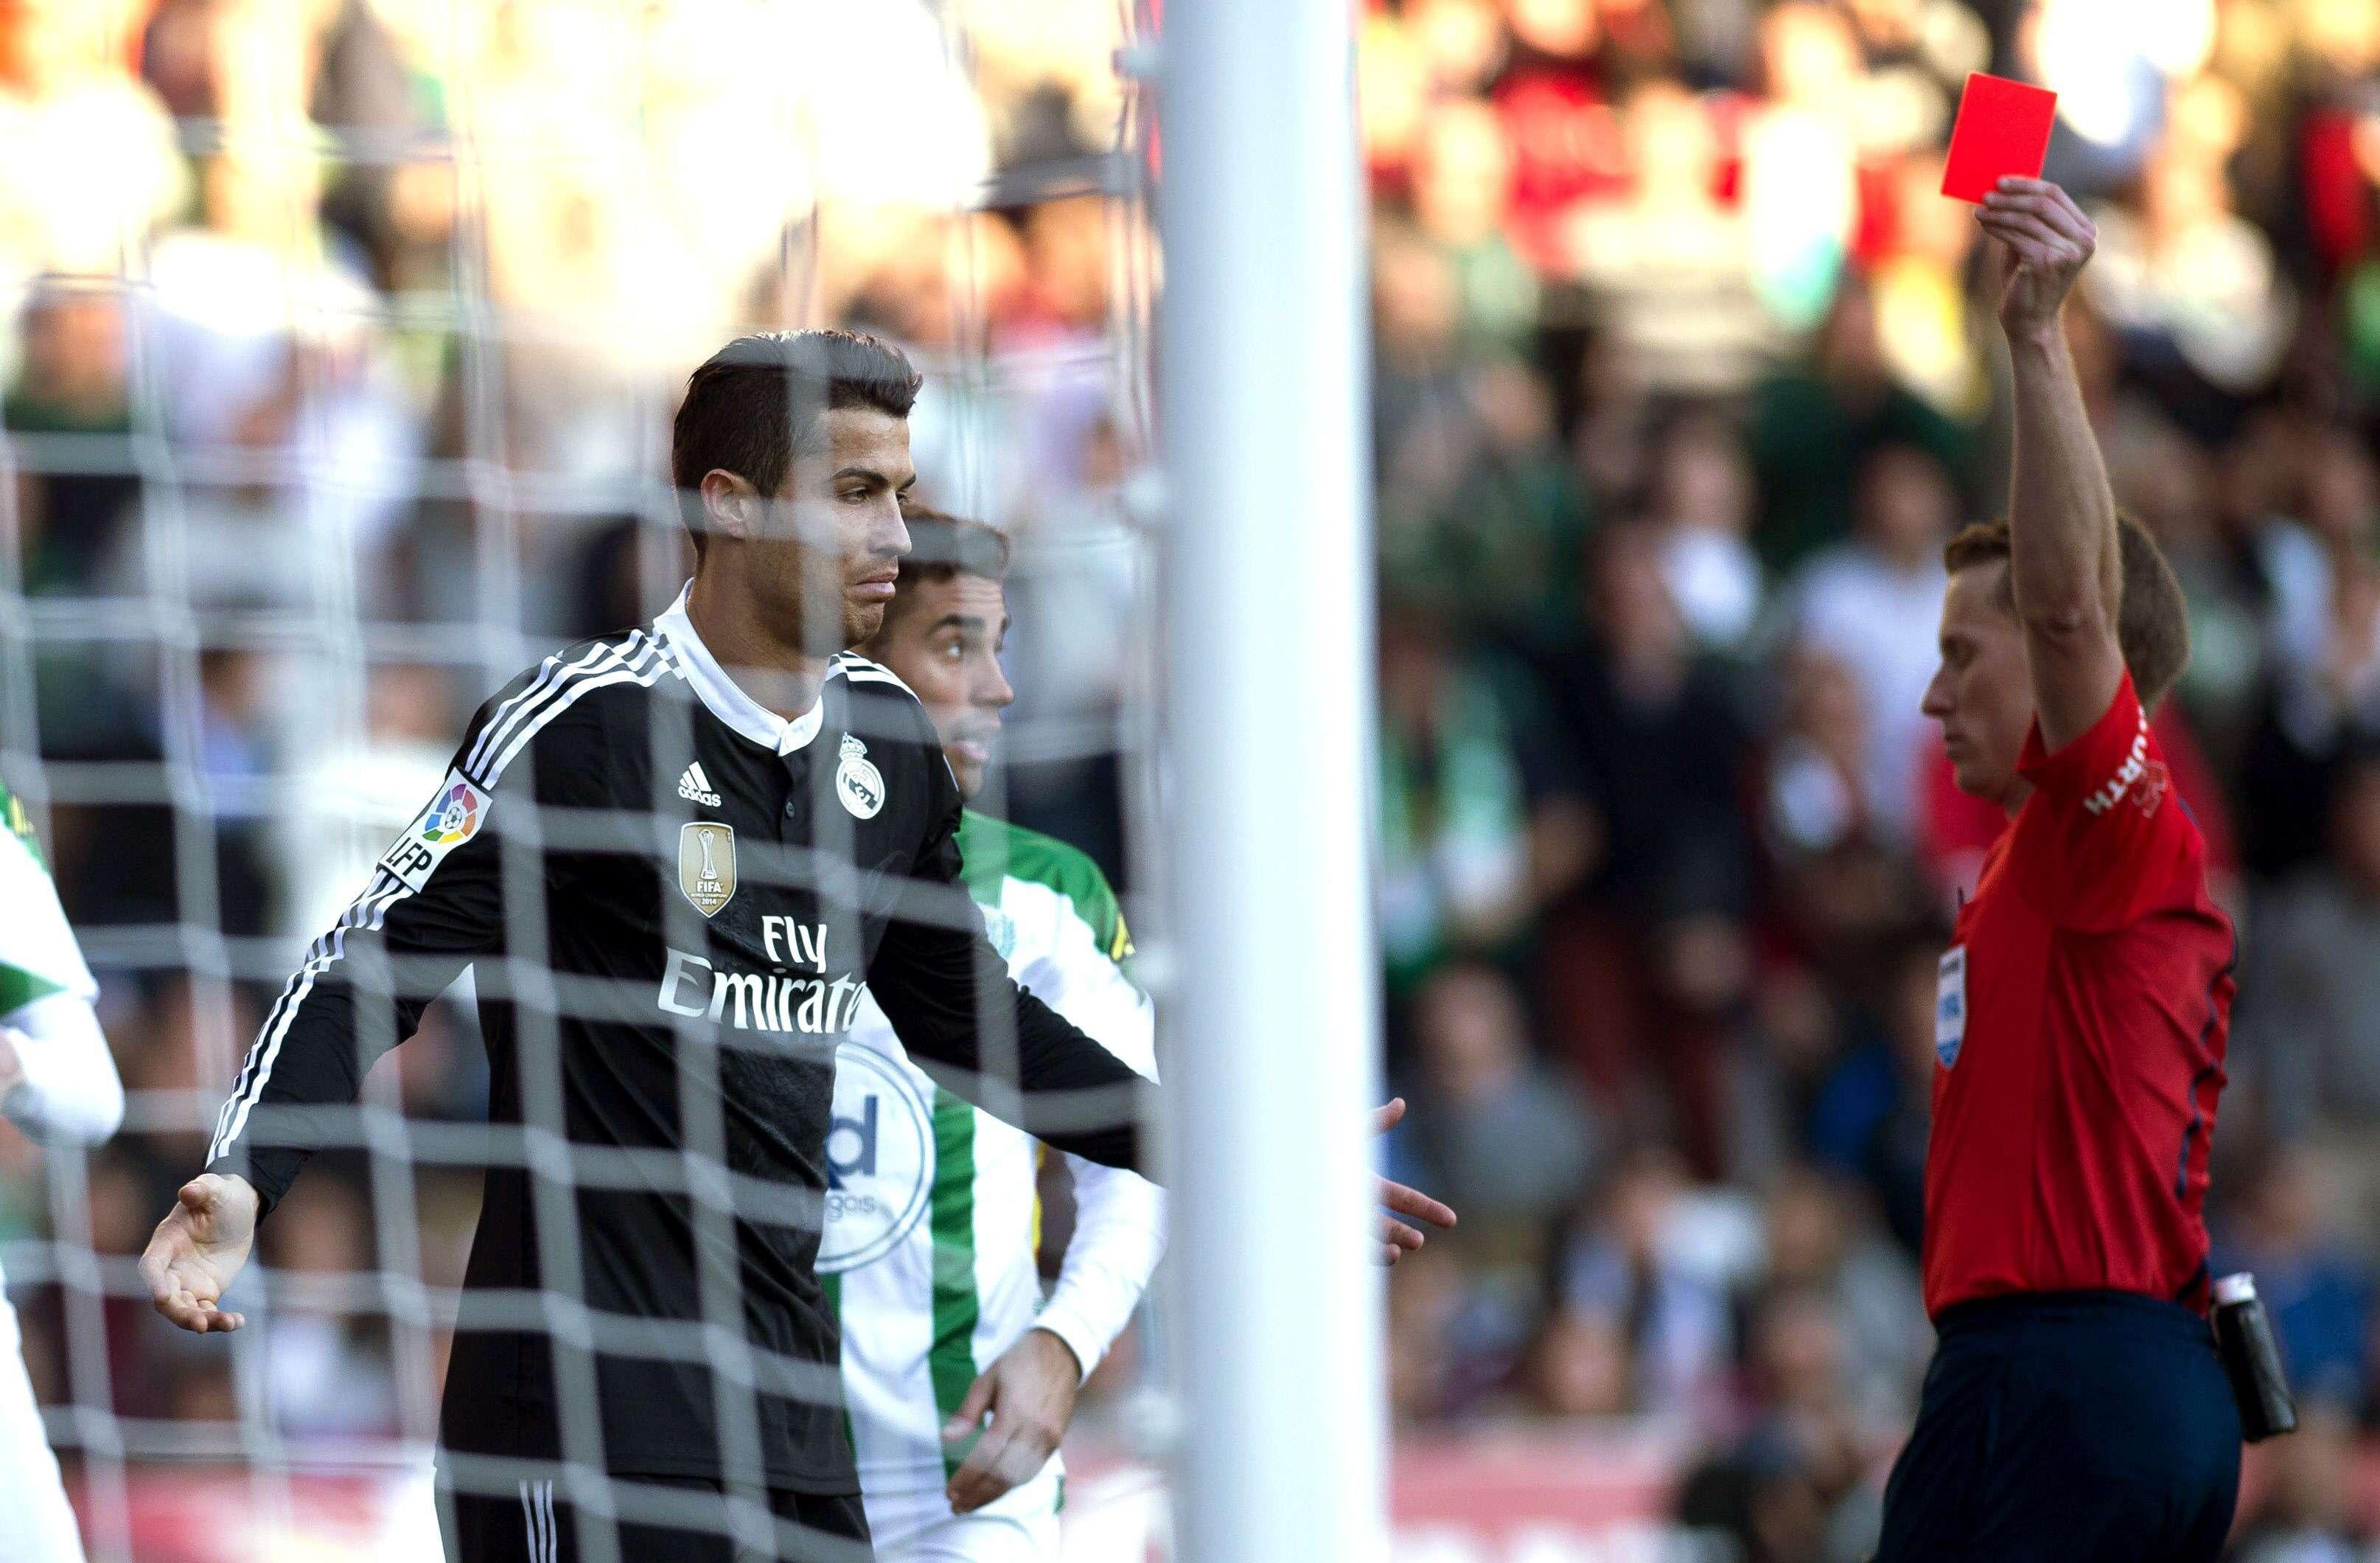 El árbitro Ángel José Hernández Hernández (d) muestra la tarjeta roja al delantero portugués del Real Madrid Cristiano Ronaldo (i), en el partido ante el Córdoba de la vigésima jornada de liga en Primera División que se disputa en el estadio Nuevo Arcángel. Foto: EFE en español